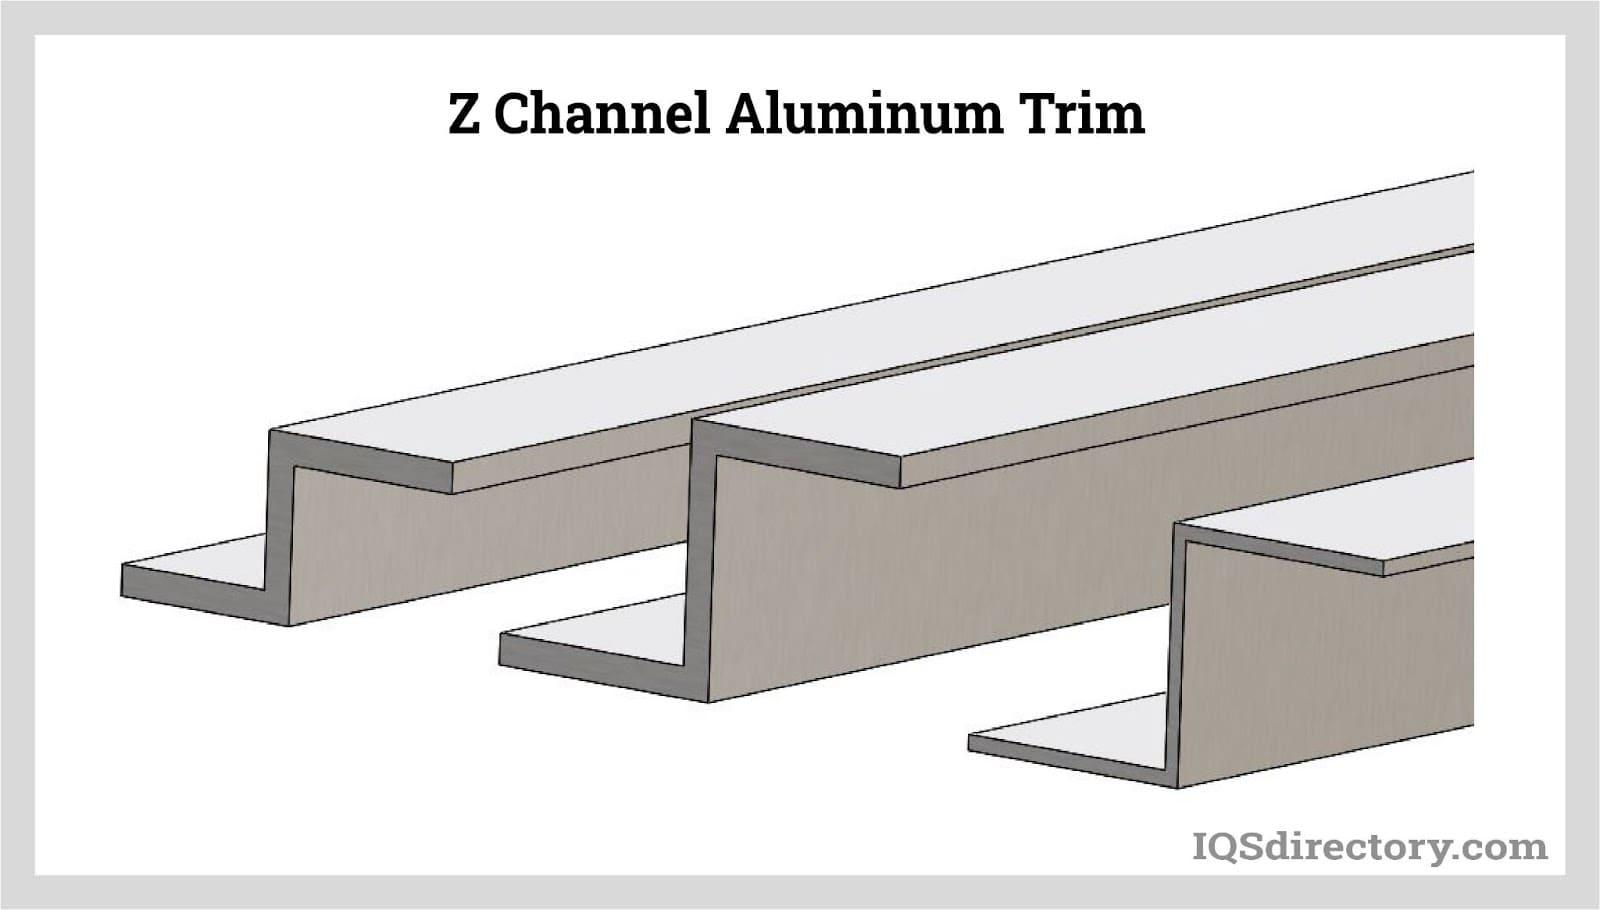 Z Channel Aluminum Trim